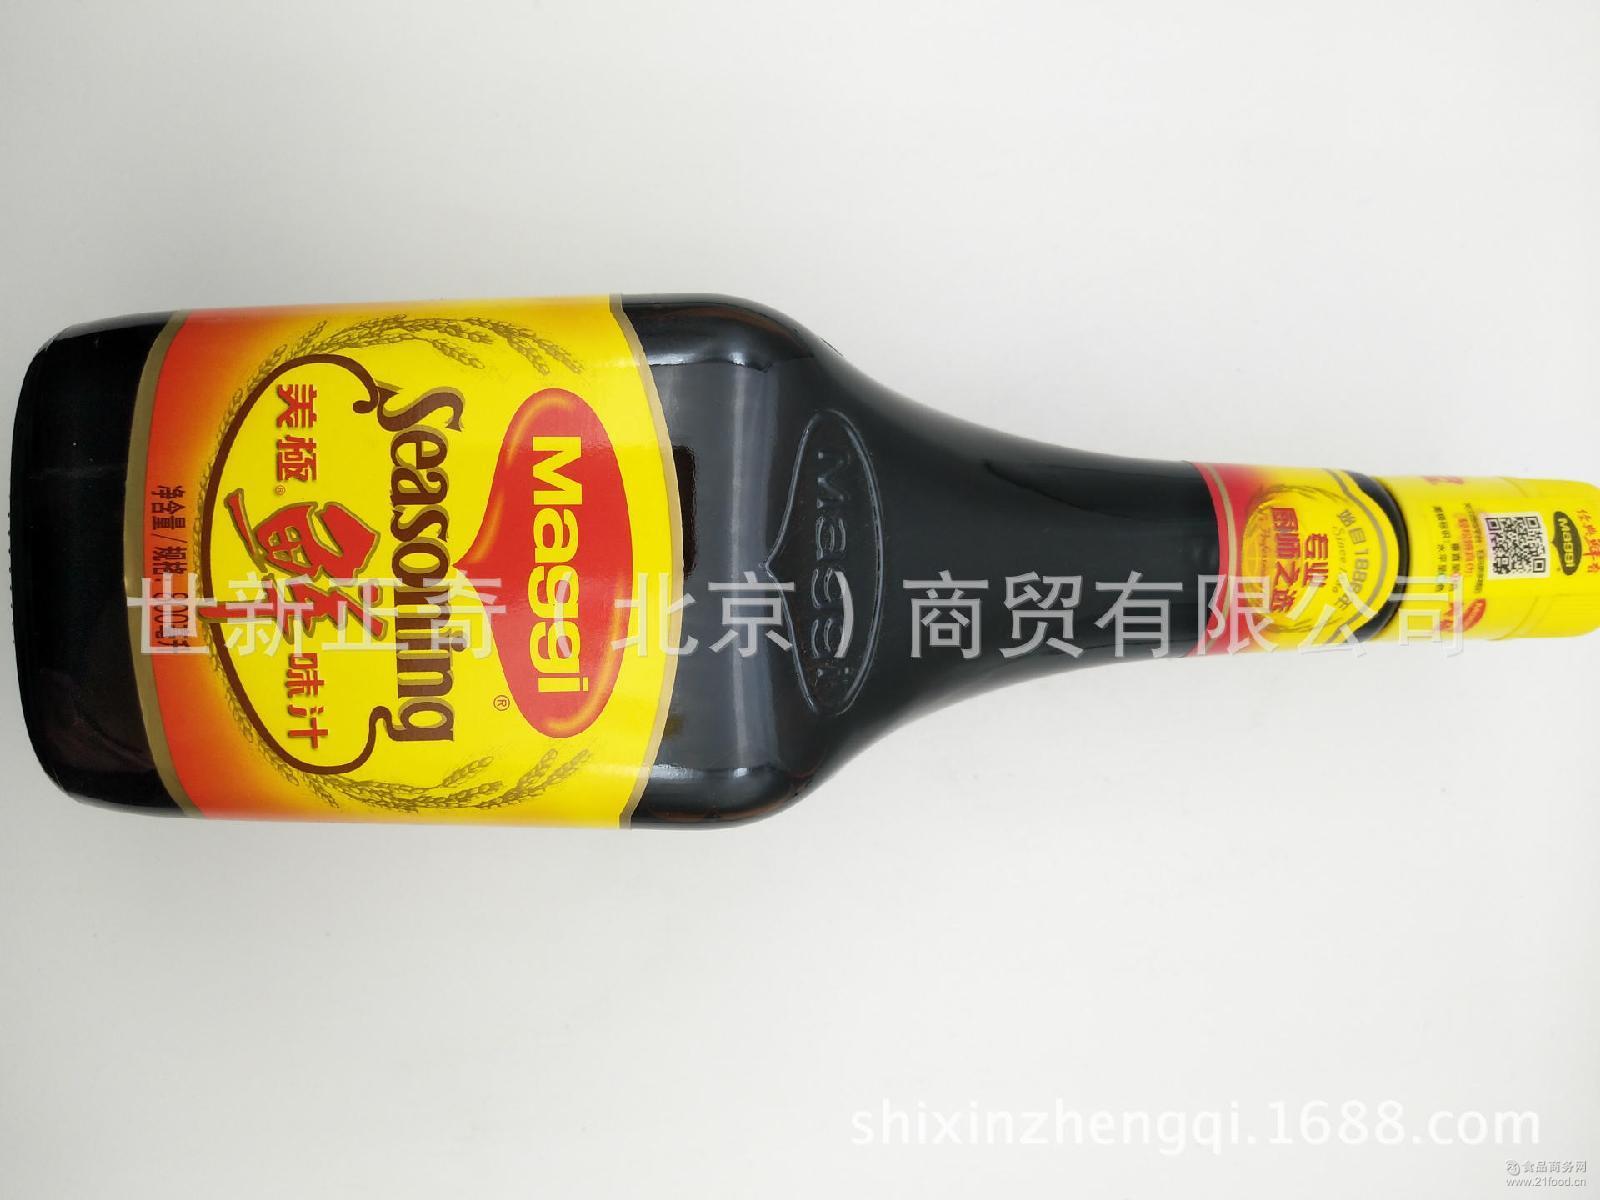 沾拌酱油调味品批发 雀巢*美极鲜味汁100ML